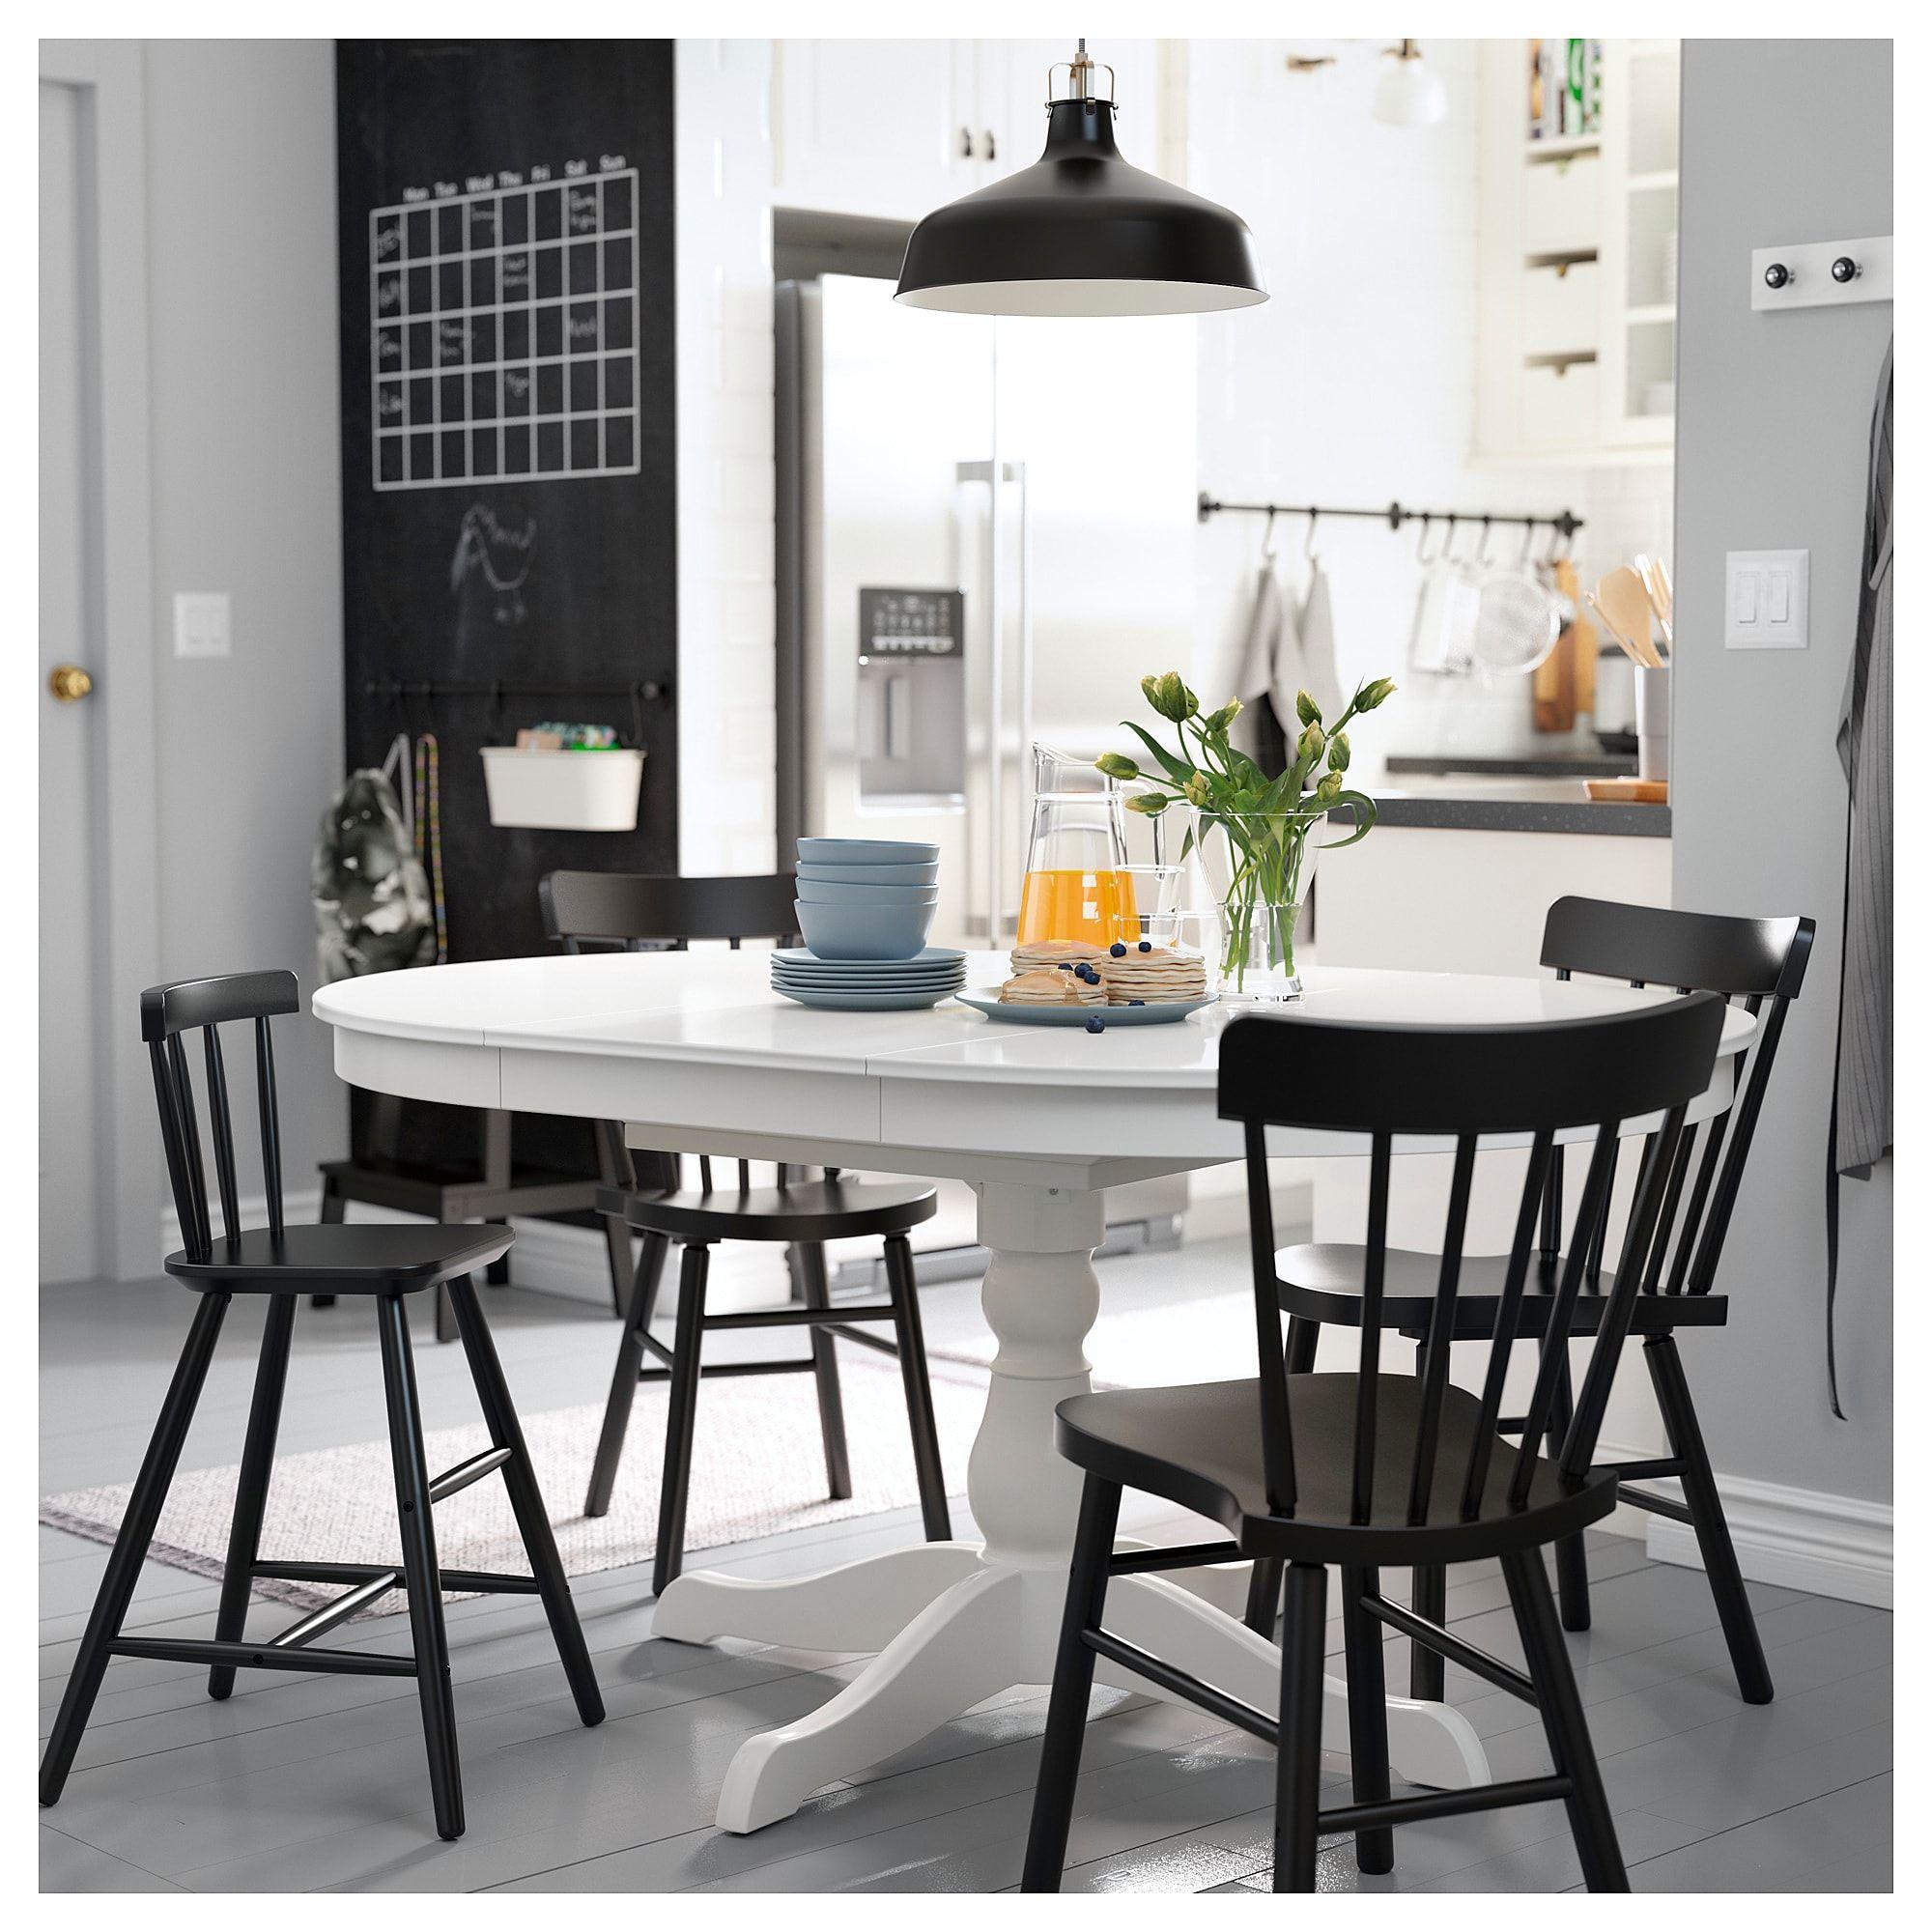 Ikea Ingatorp Extendable Table White White Round Dining Table White Dining Table Dining Table Design